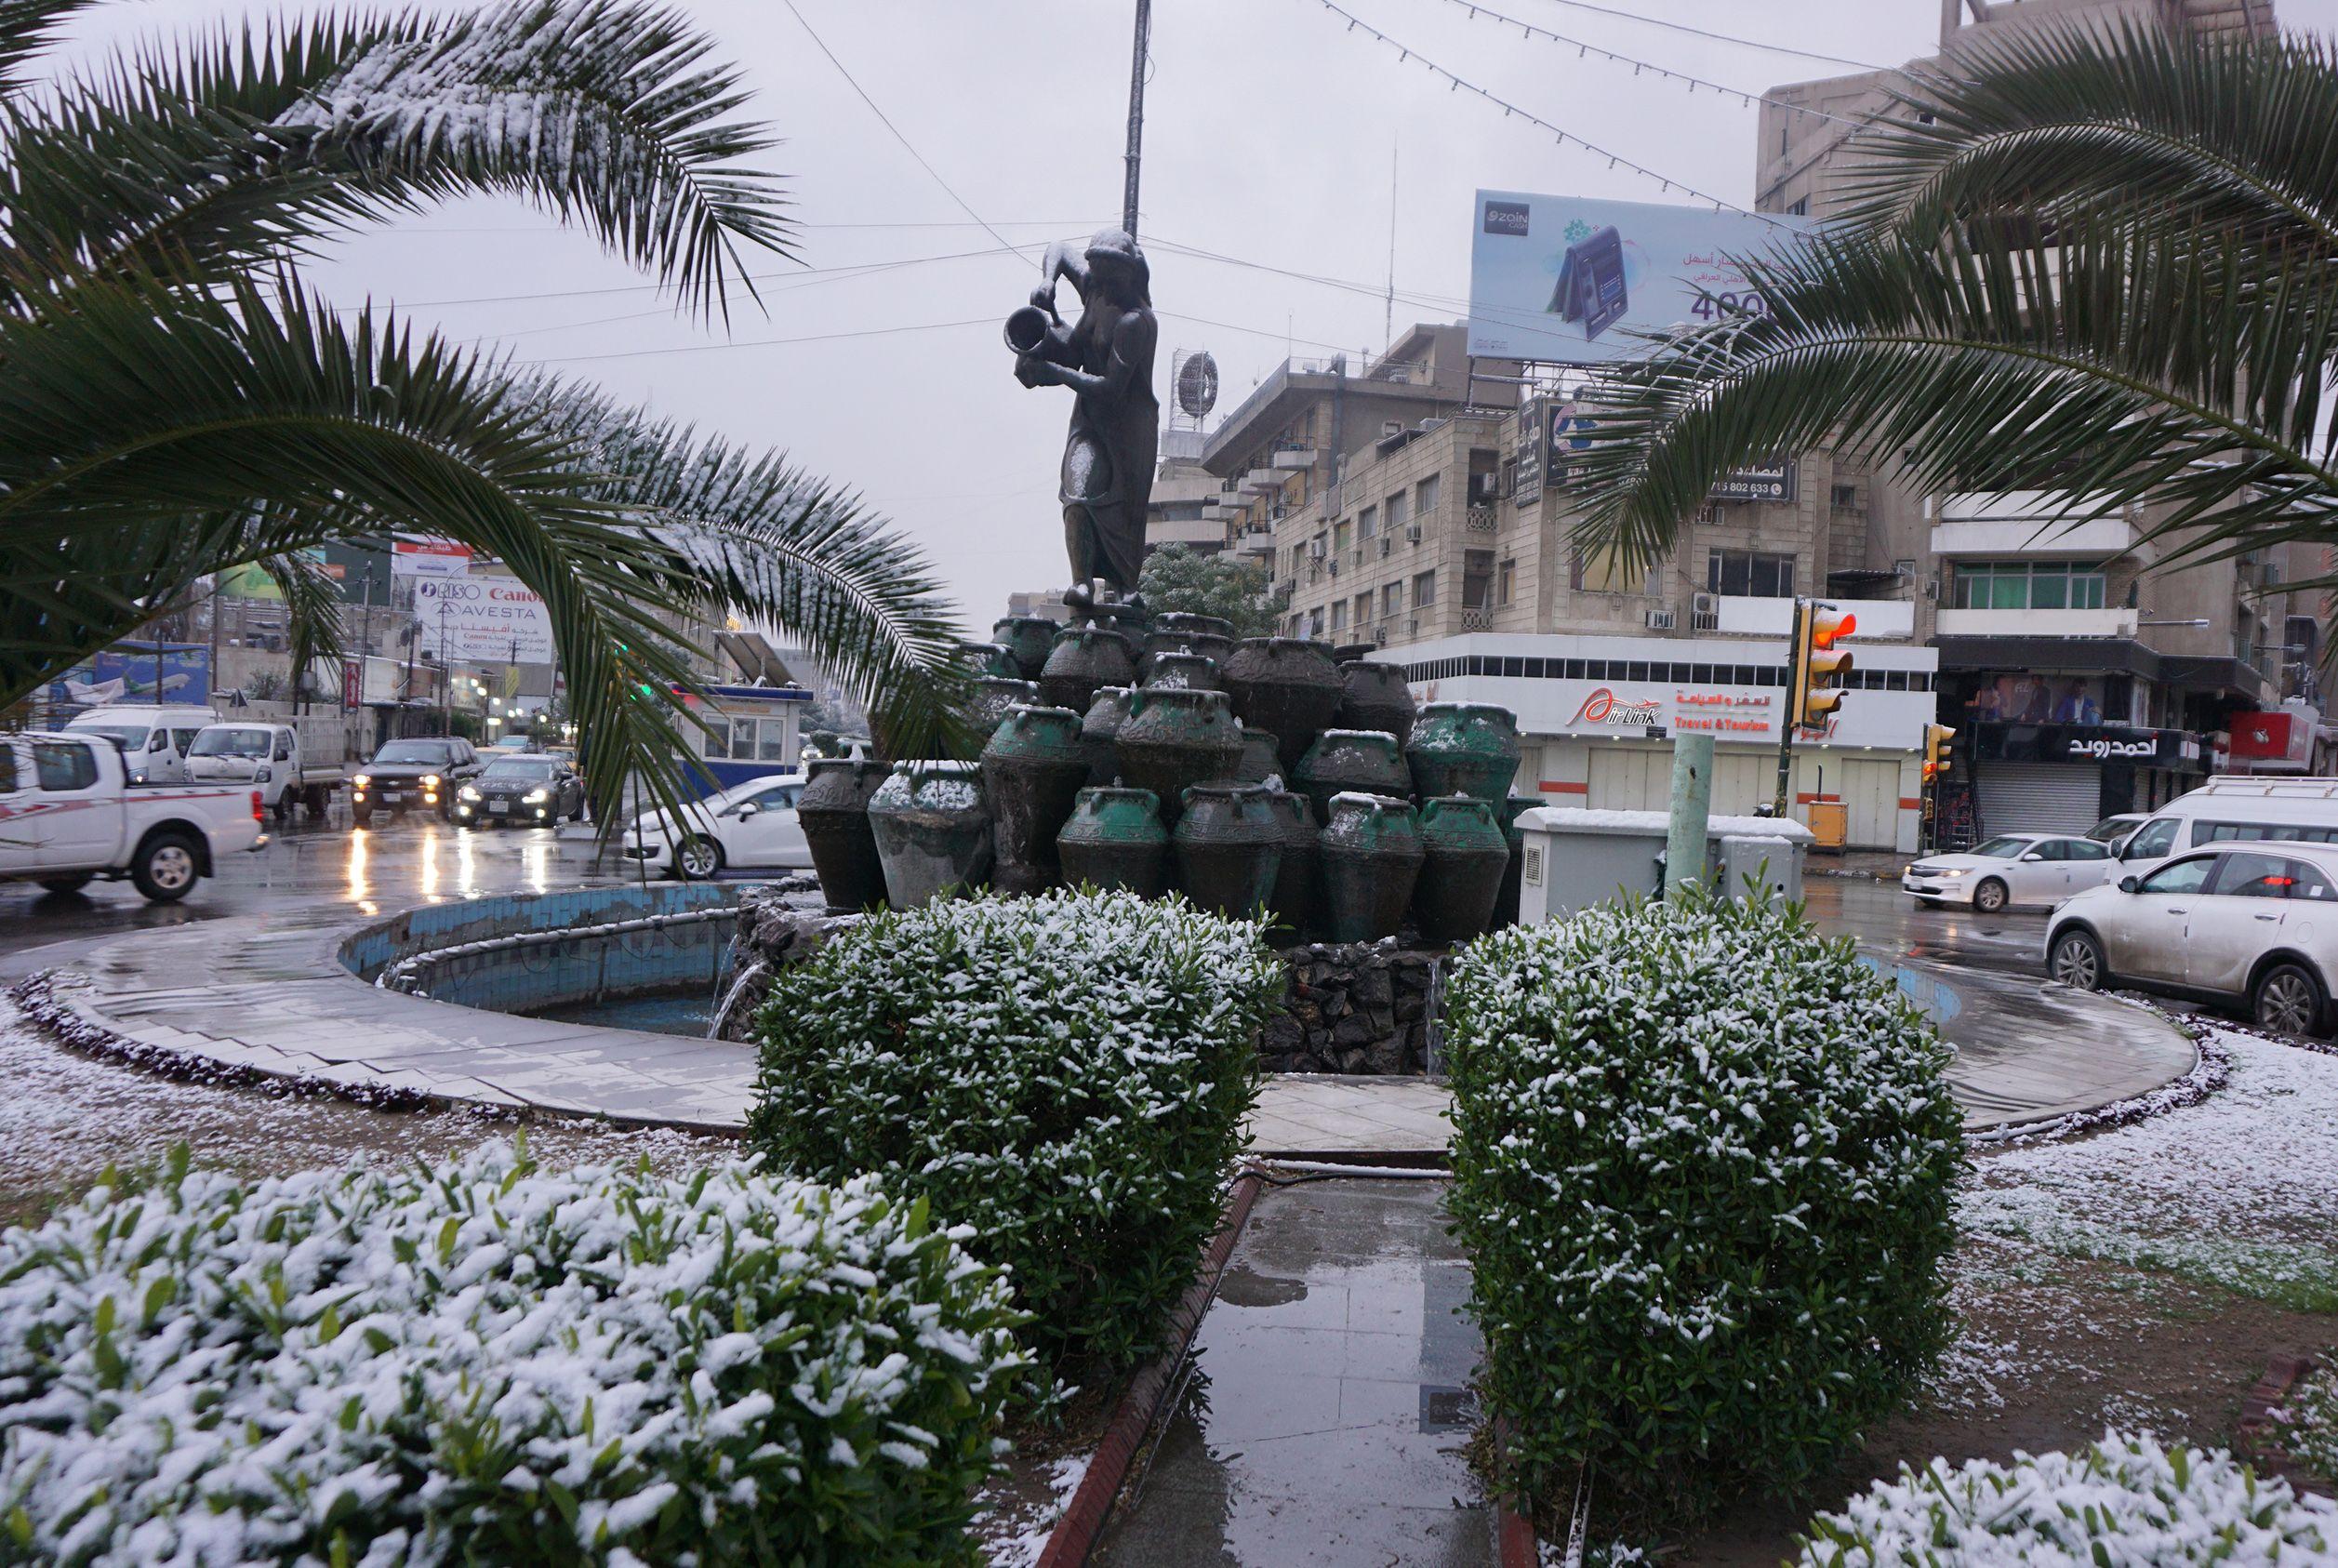 الثلوج تزور بغداد لأول مرة منذ 12 عاما- صور